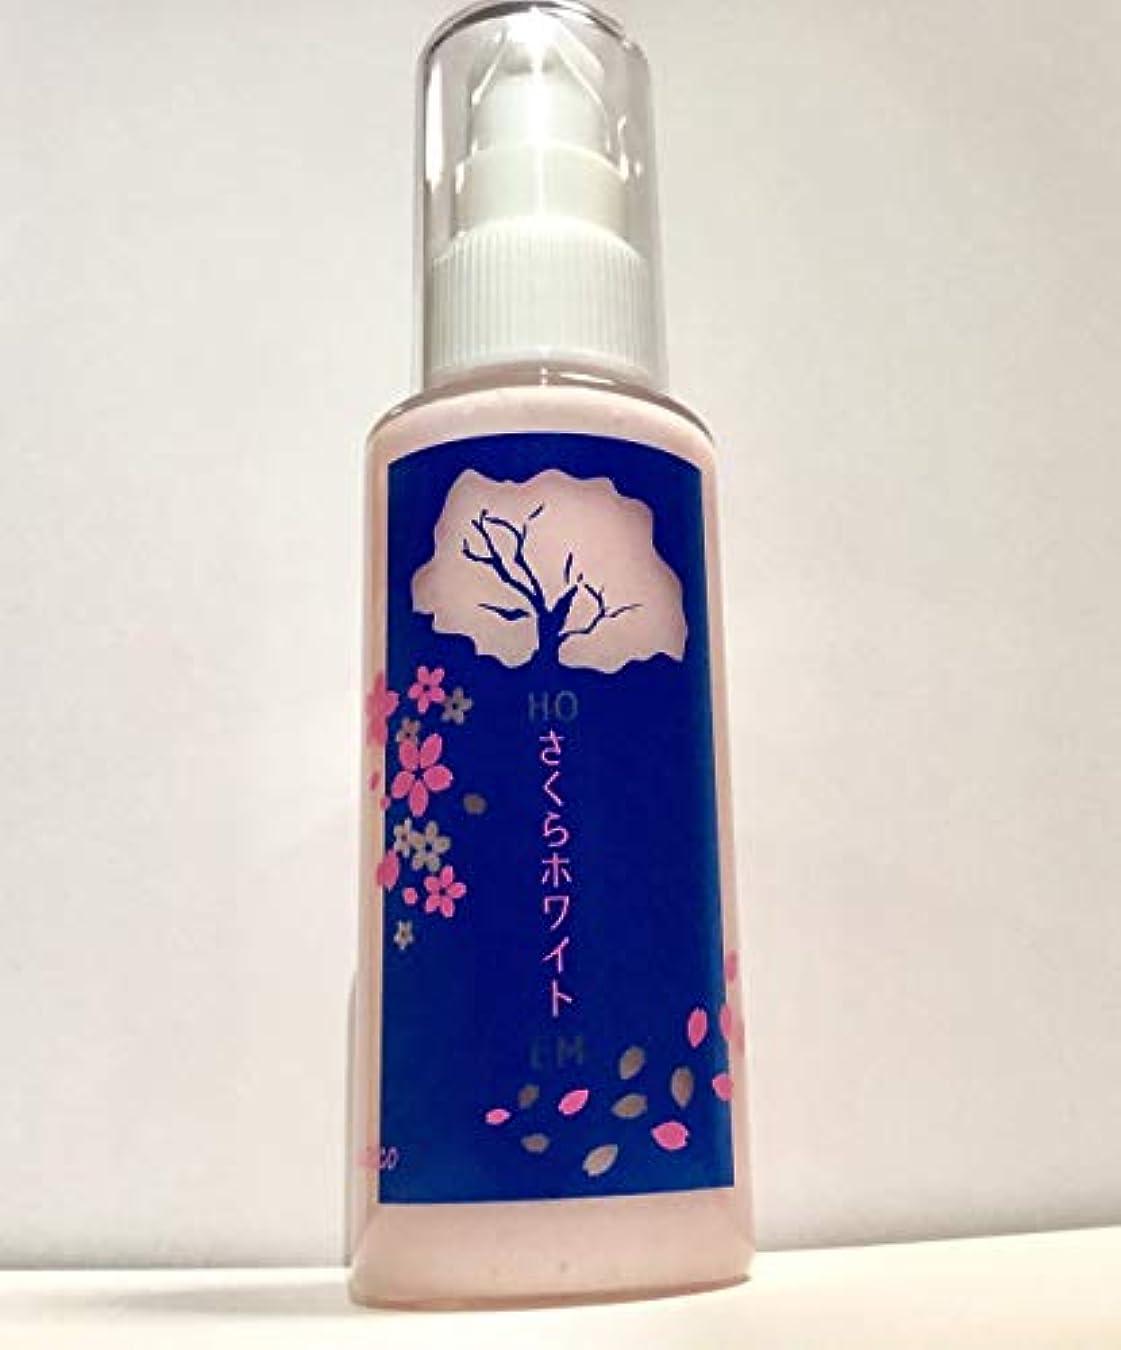 従順なマージン哲学的肌王子化粧品 さくらホワイト 美容液&乳液 65ml 2~3ヶ月分